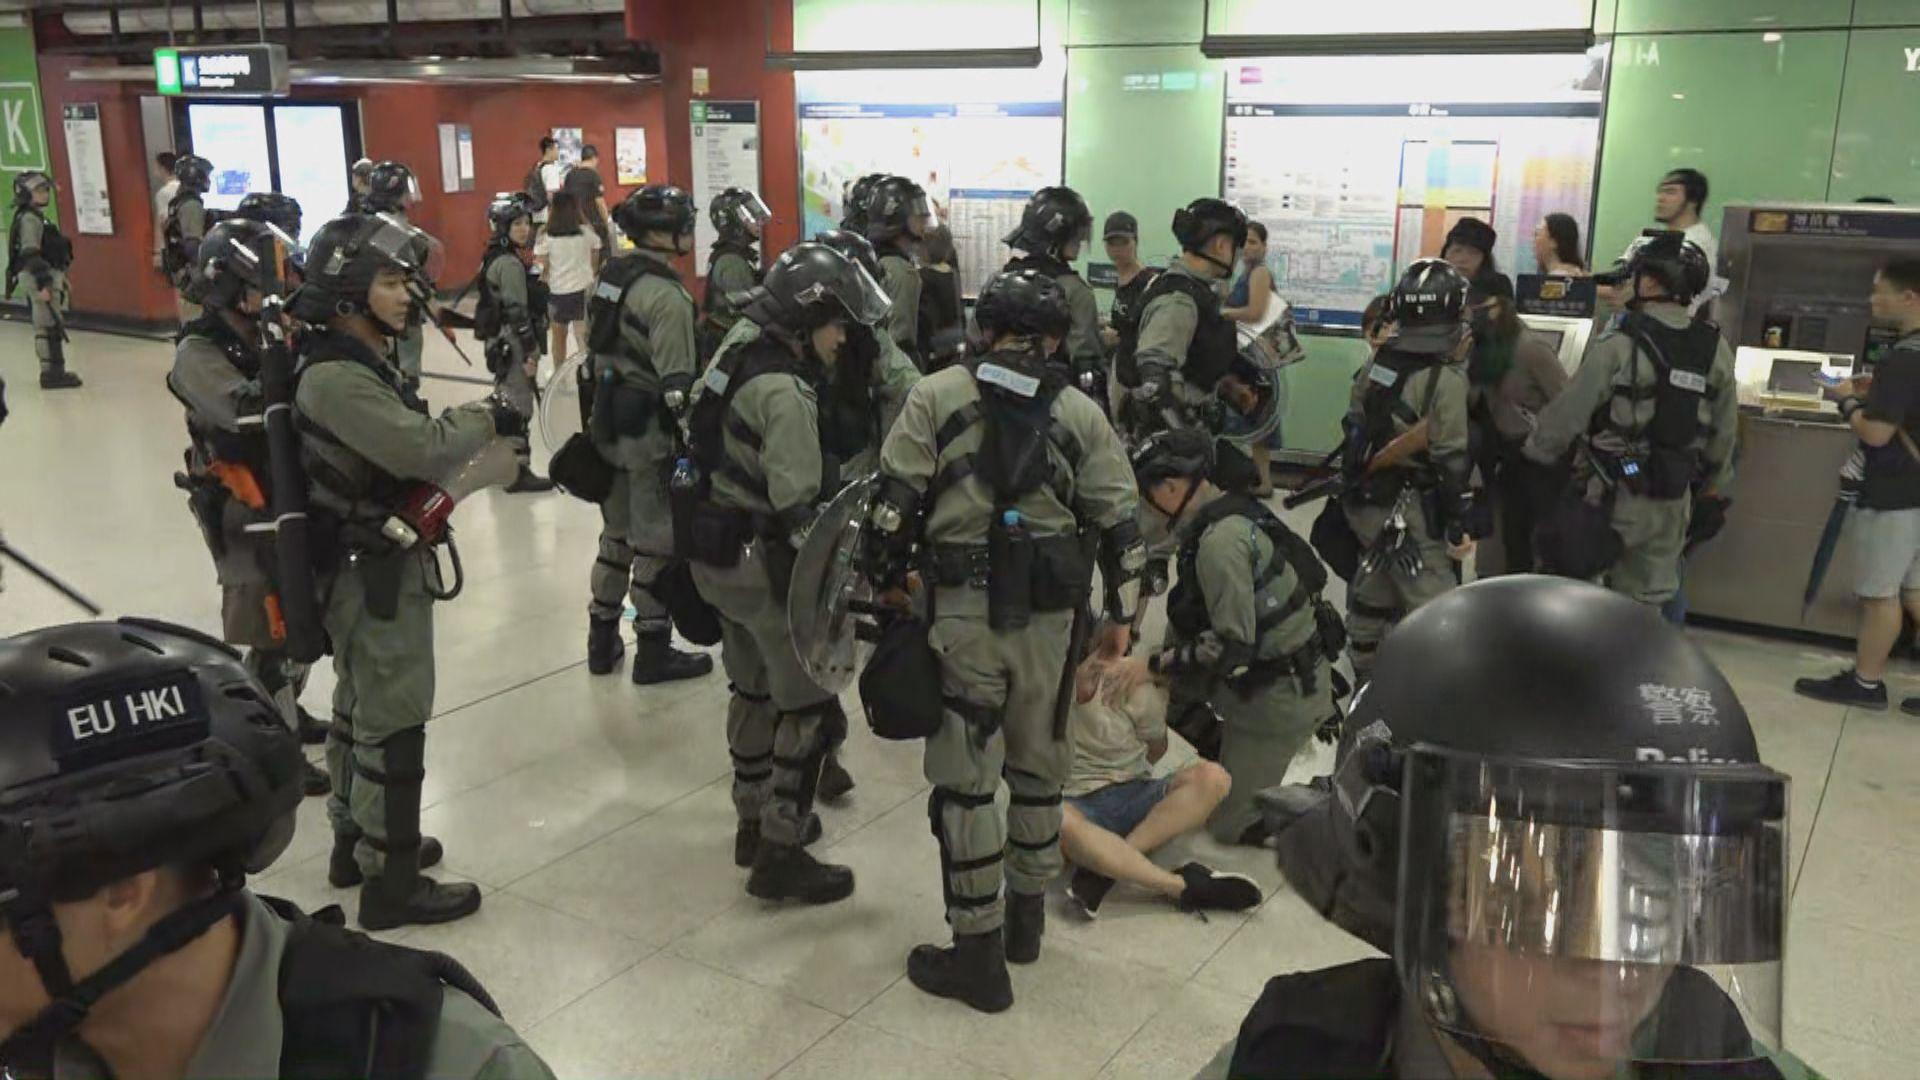 中環站有衝突要關閉 警制服多人